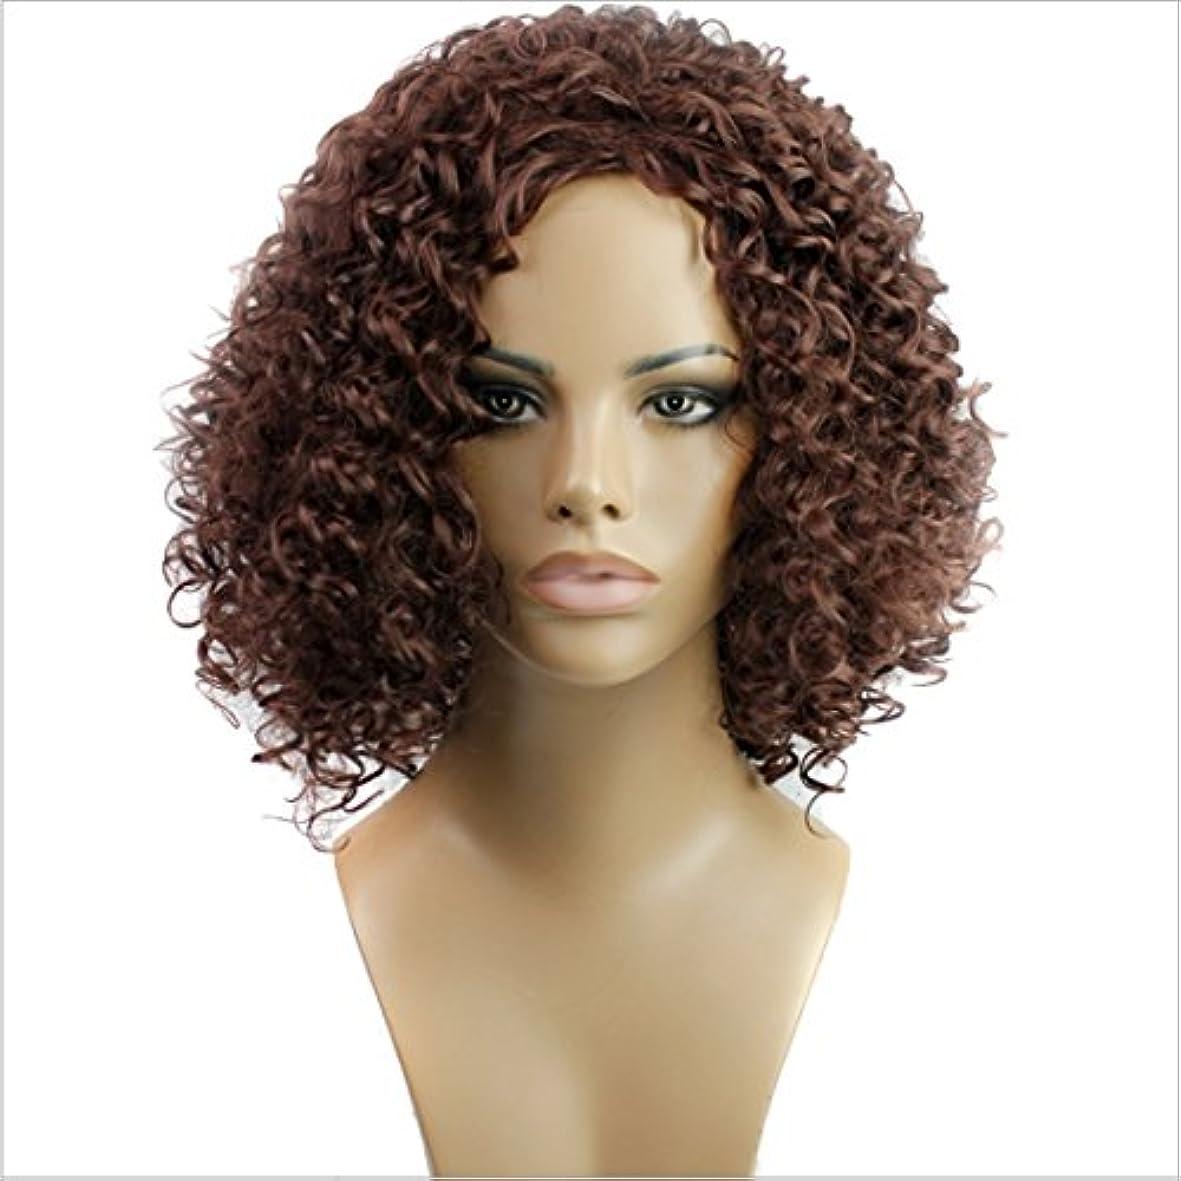 帳面ビームあいまいYOUQIU 長い前髪髪ナチュラルカラーウィッグ耐熱210グラムで女子ショートカーリーウィッグのために15インチの合成高温ウィッグ(ワインレッド、黒)ウィッグ (色 : ワインレッド)